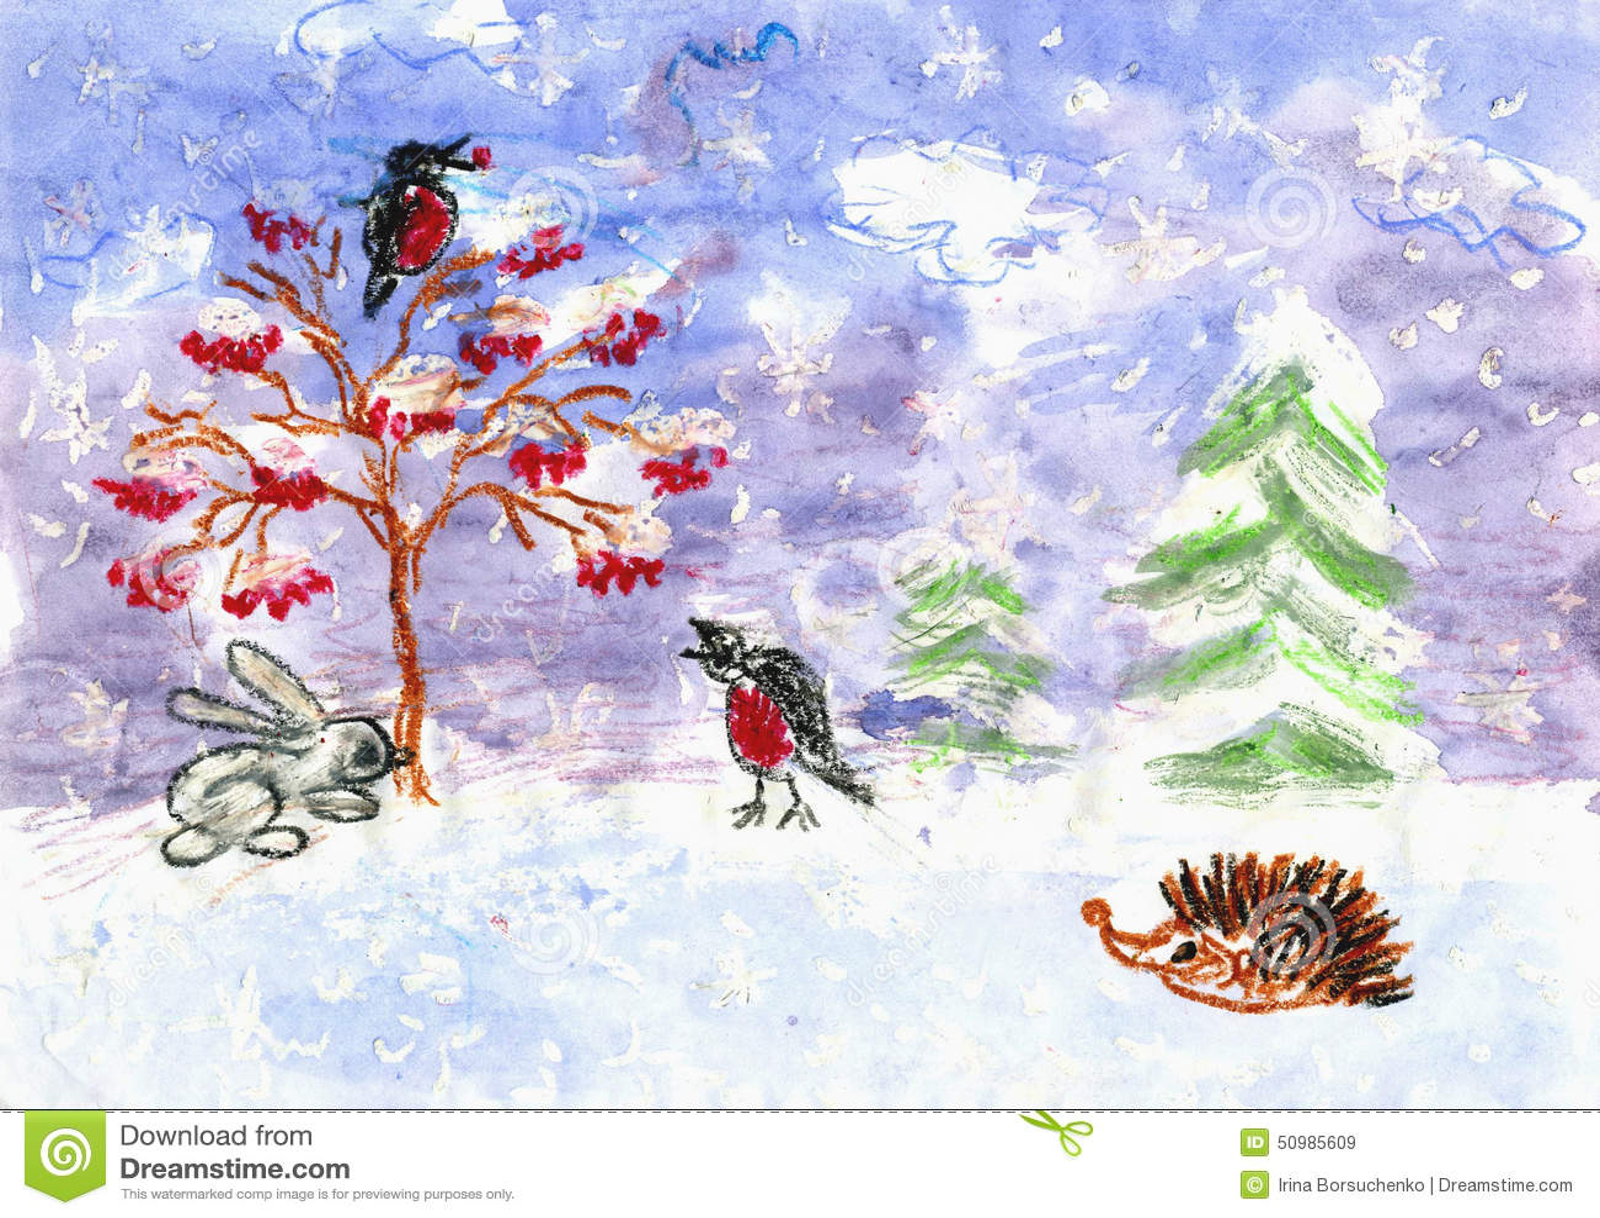 L 39 hiver le dessin des enfants couleur d 39 eau morceaux de cire de craie illustration stock - Dessin de l hiver ...